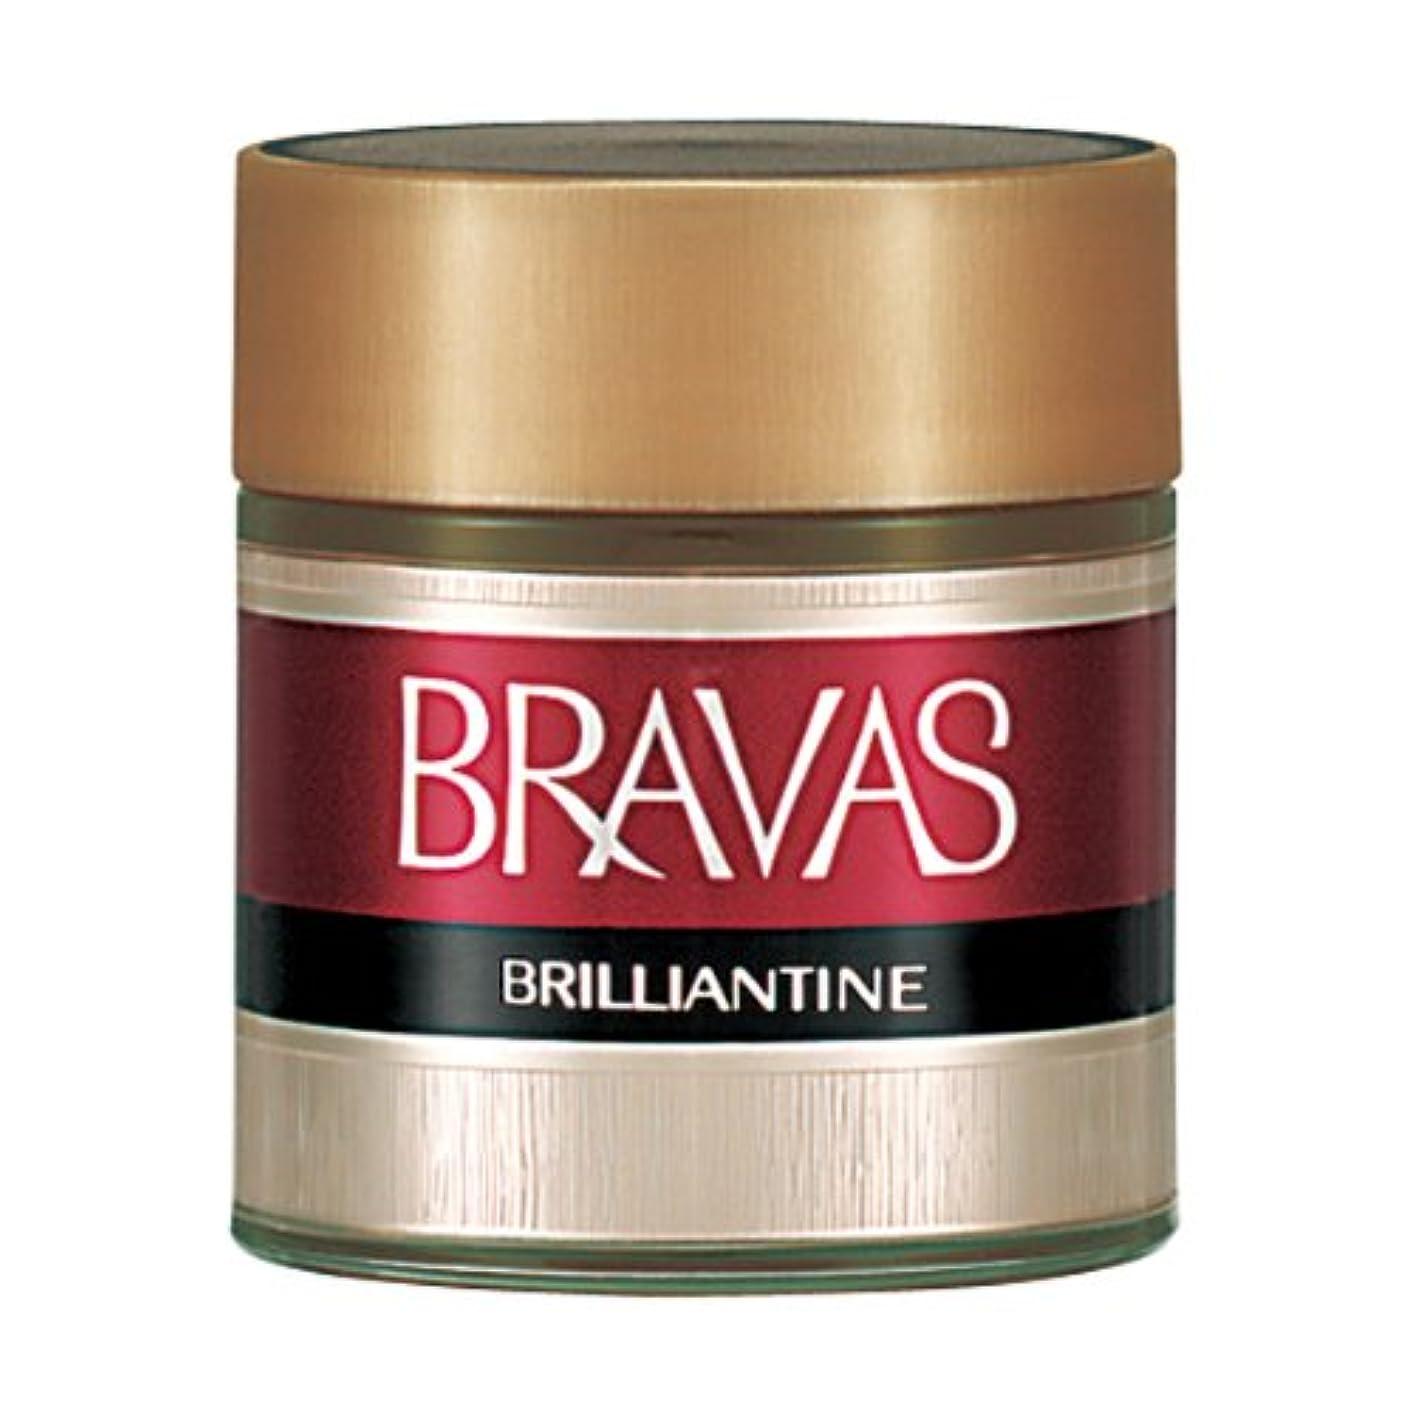 非難する十分ではないもつれブラバス ブリランチン 85g